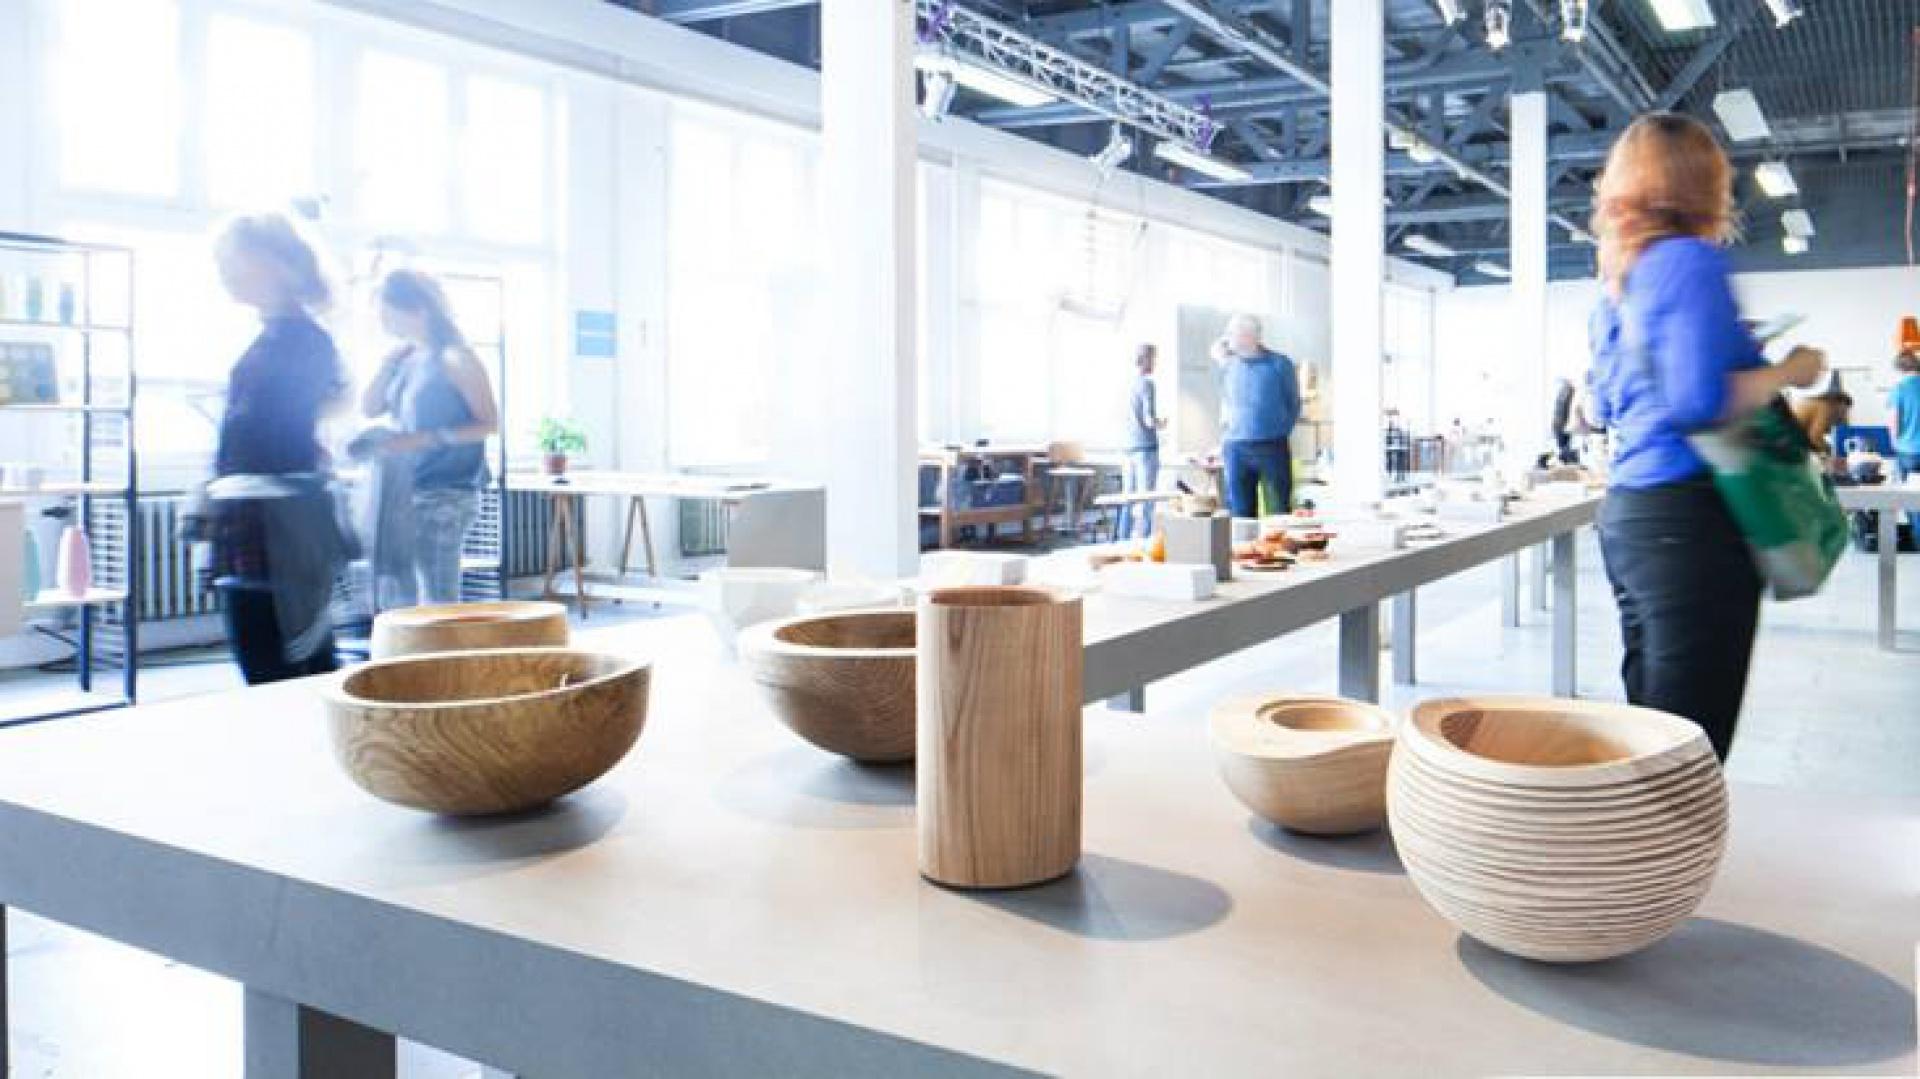 """19 lutego do 3 marca, w Poznaniu będzie miała miejsce wystawa """"Polish Design: in the Middle of"""" w Concordia Design. Fot. Archiwum"""